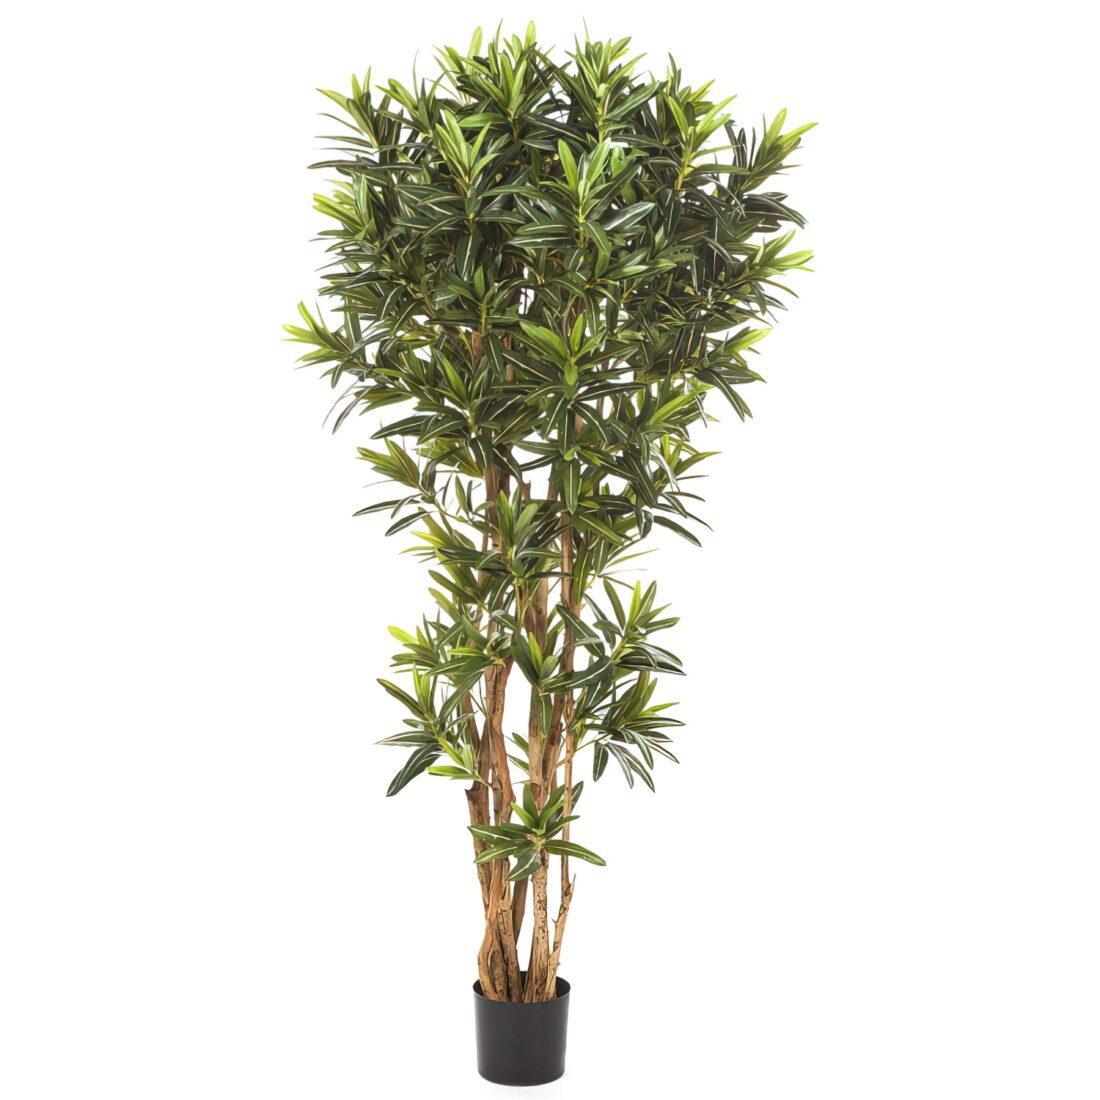 Искусственное растение Кротон Голдфингер Рефлекса, высота 150 см